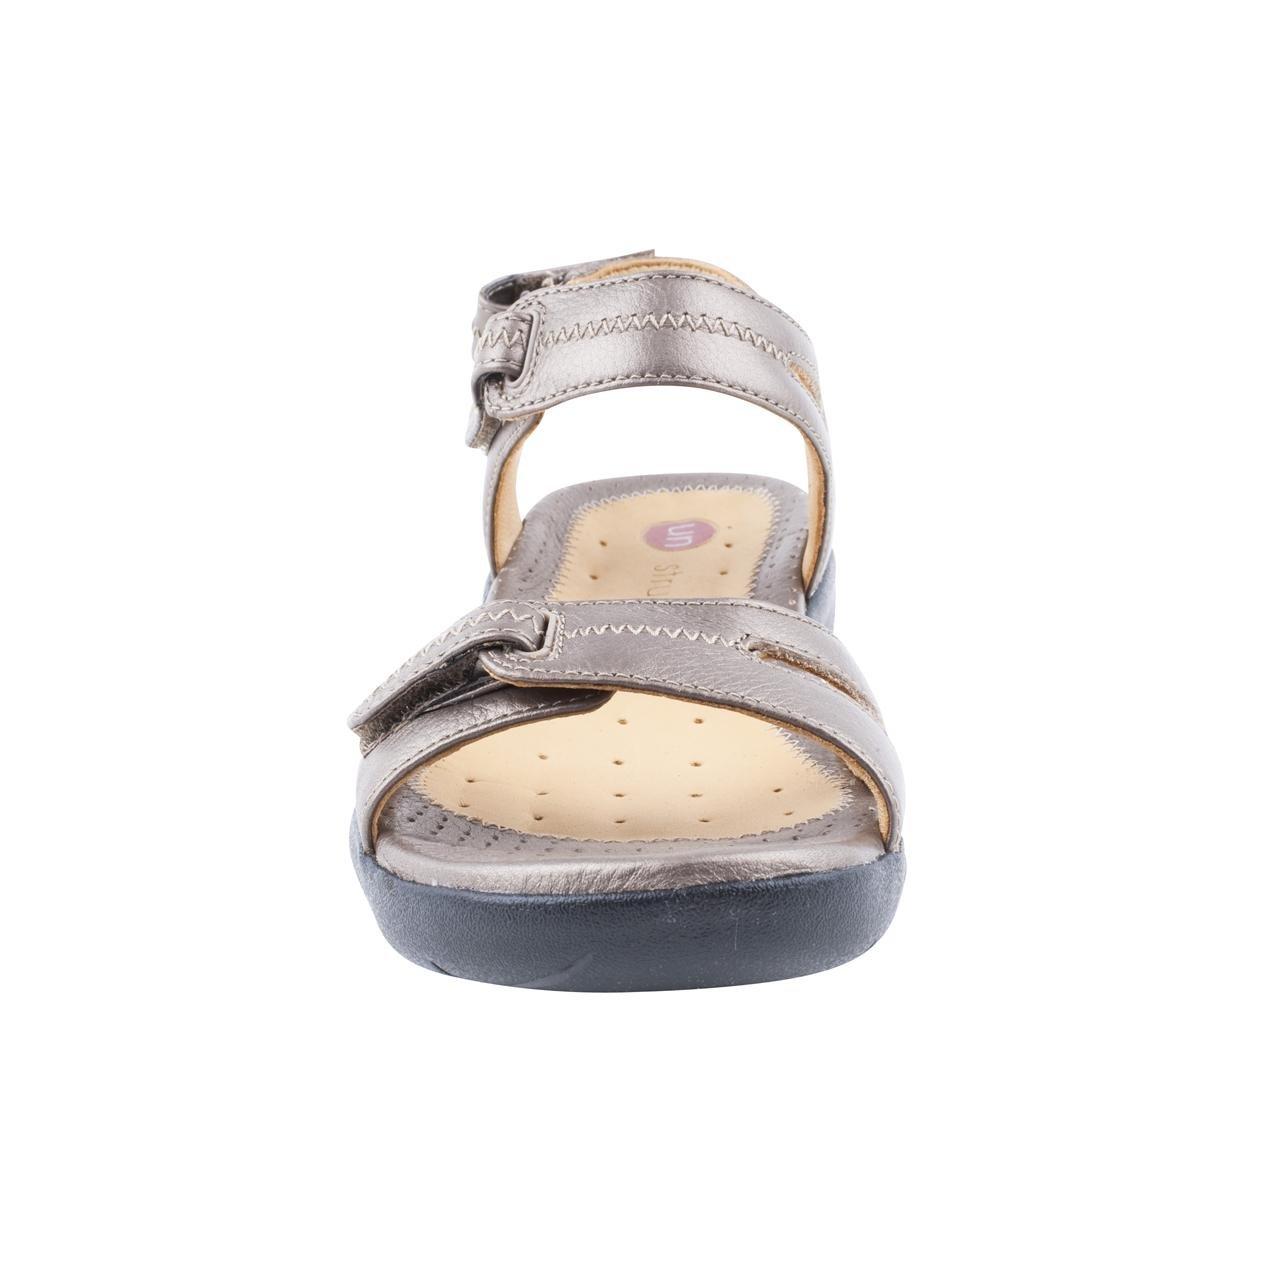 bdf579ebd75c Ladies Clarks un Galleon Bronze Flat Sandals Size 9  Amazon.co.uk  Shoes    Bags